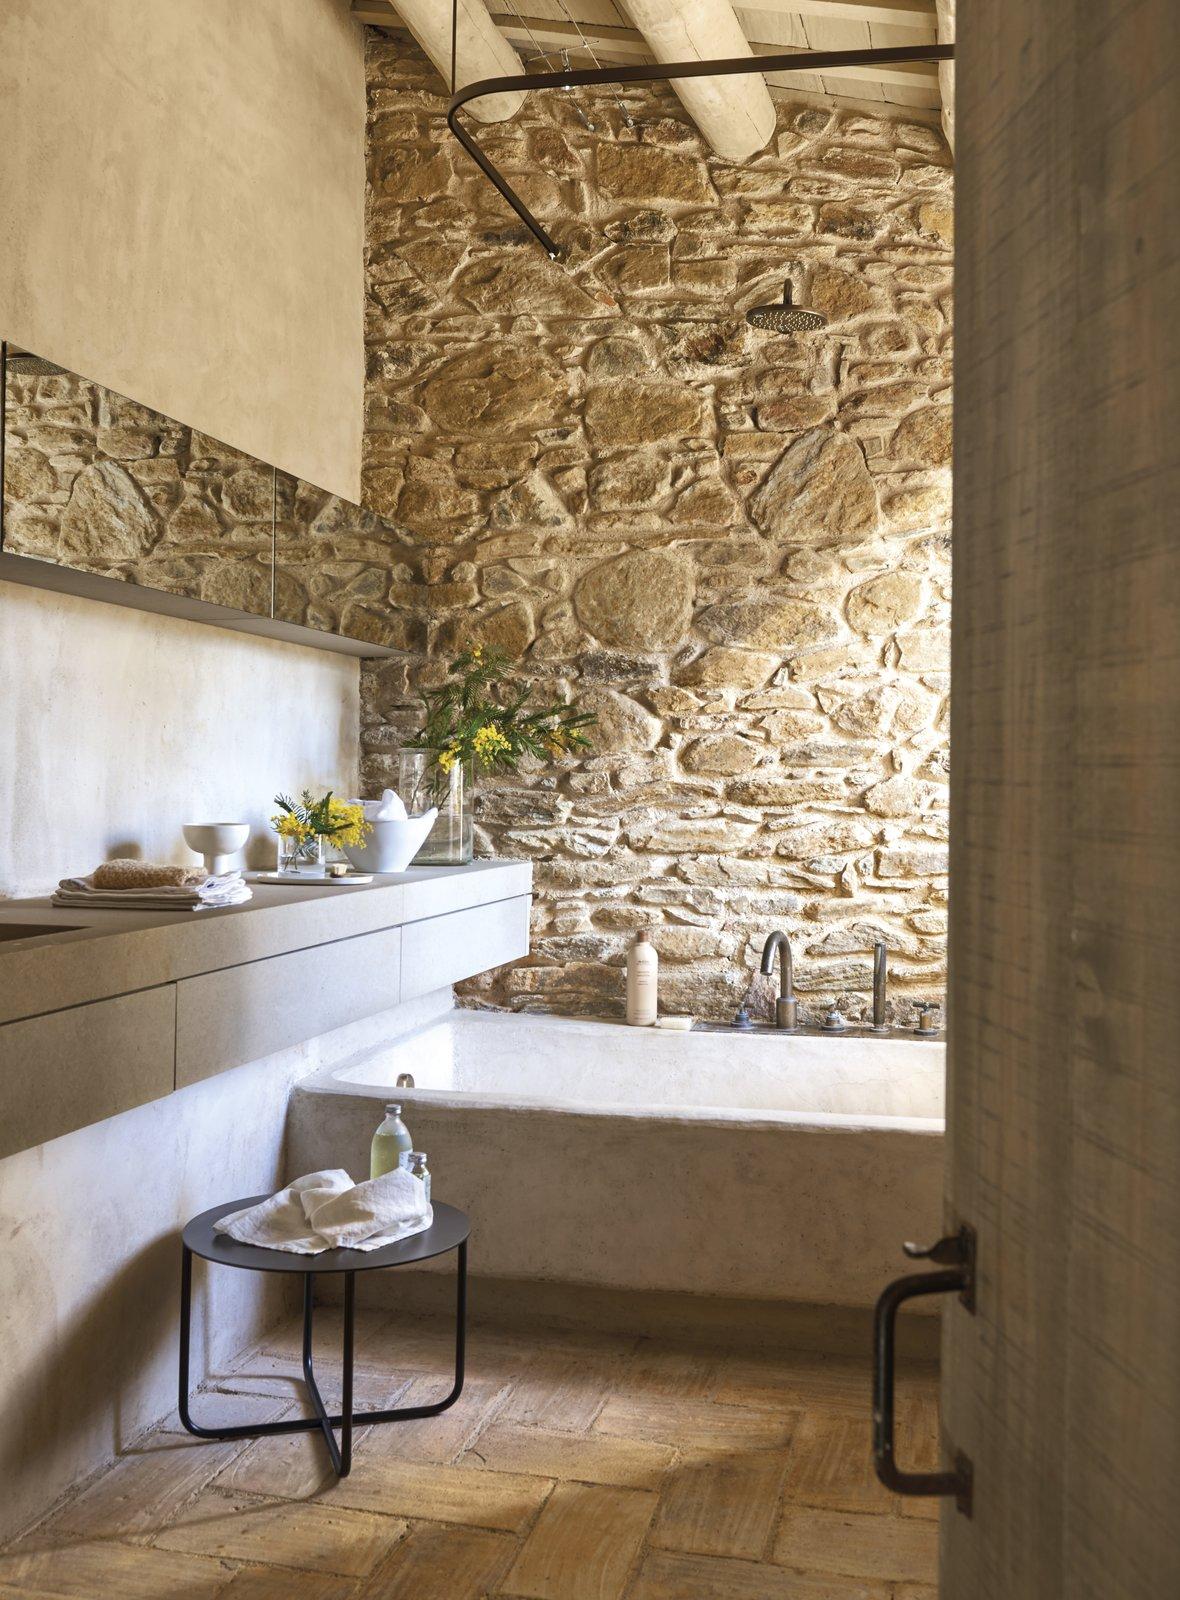 Catalan Farmhouse bathroom